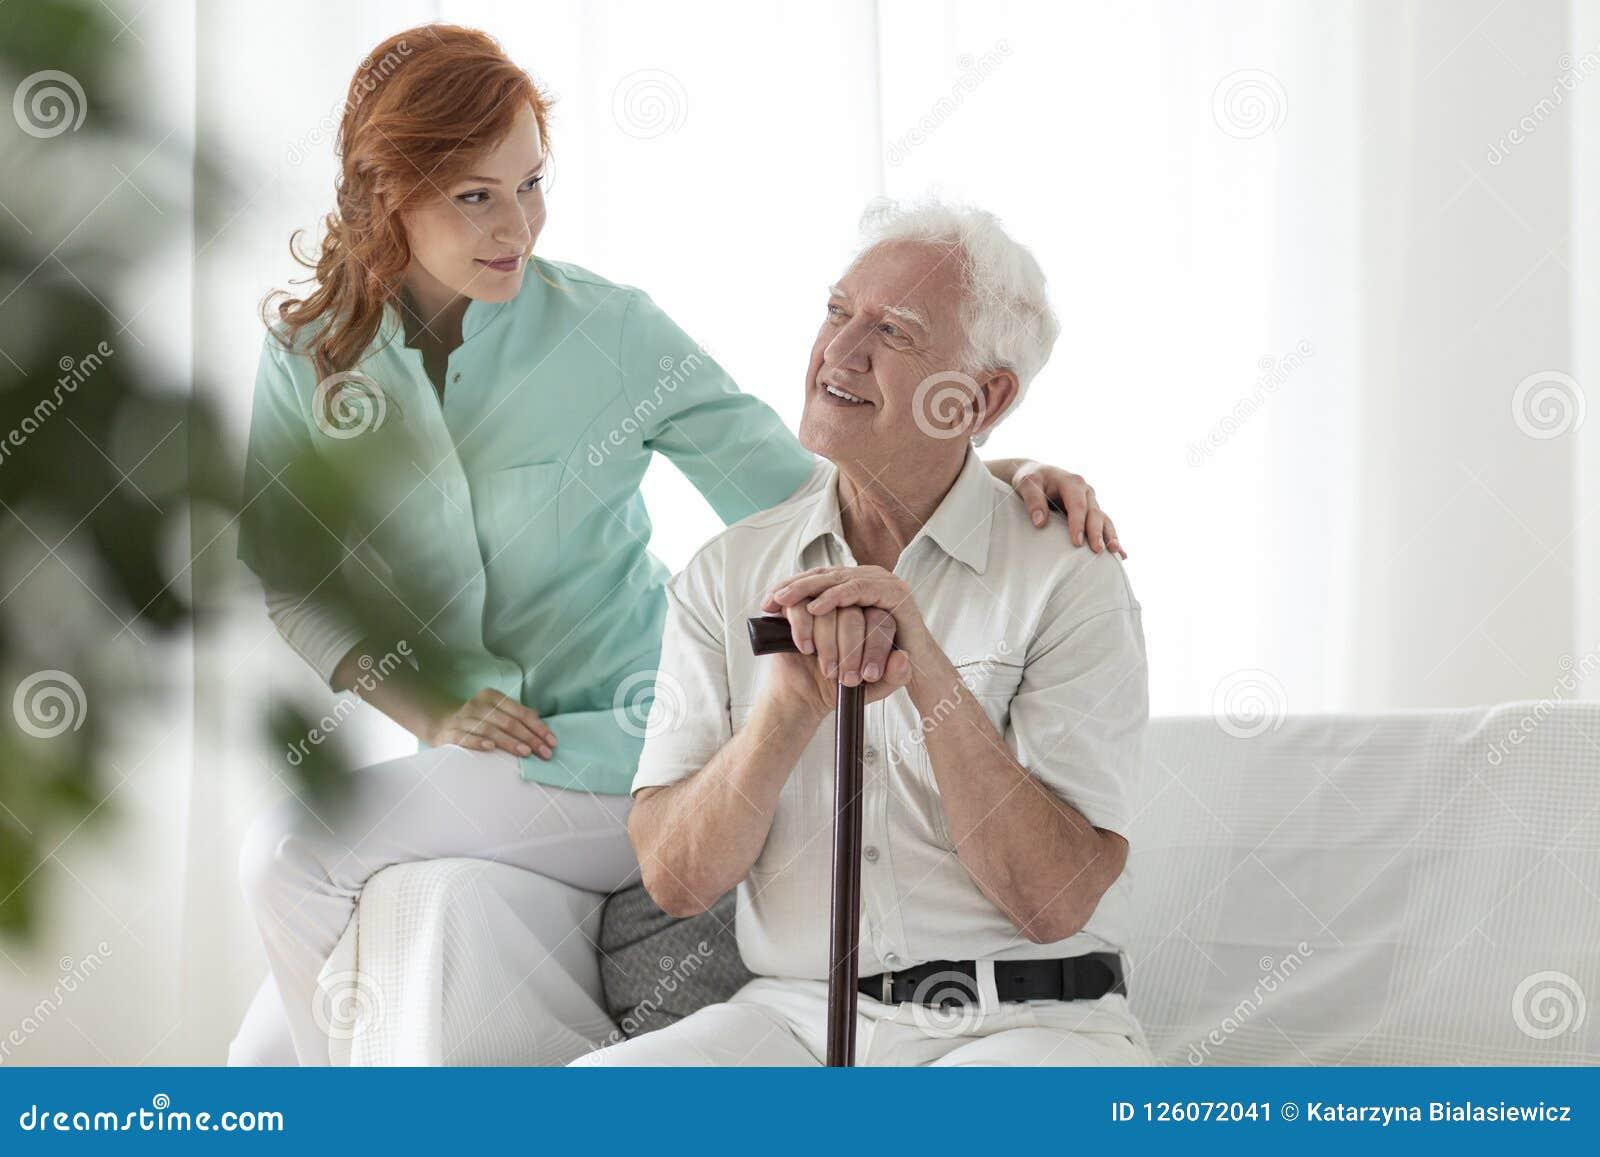 Infermiere amichevole ed uomo anziano sorridente con il bastone da passeggio in